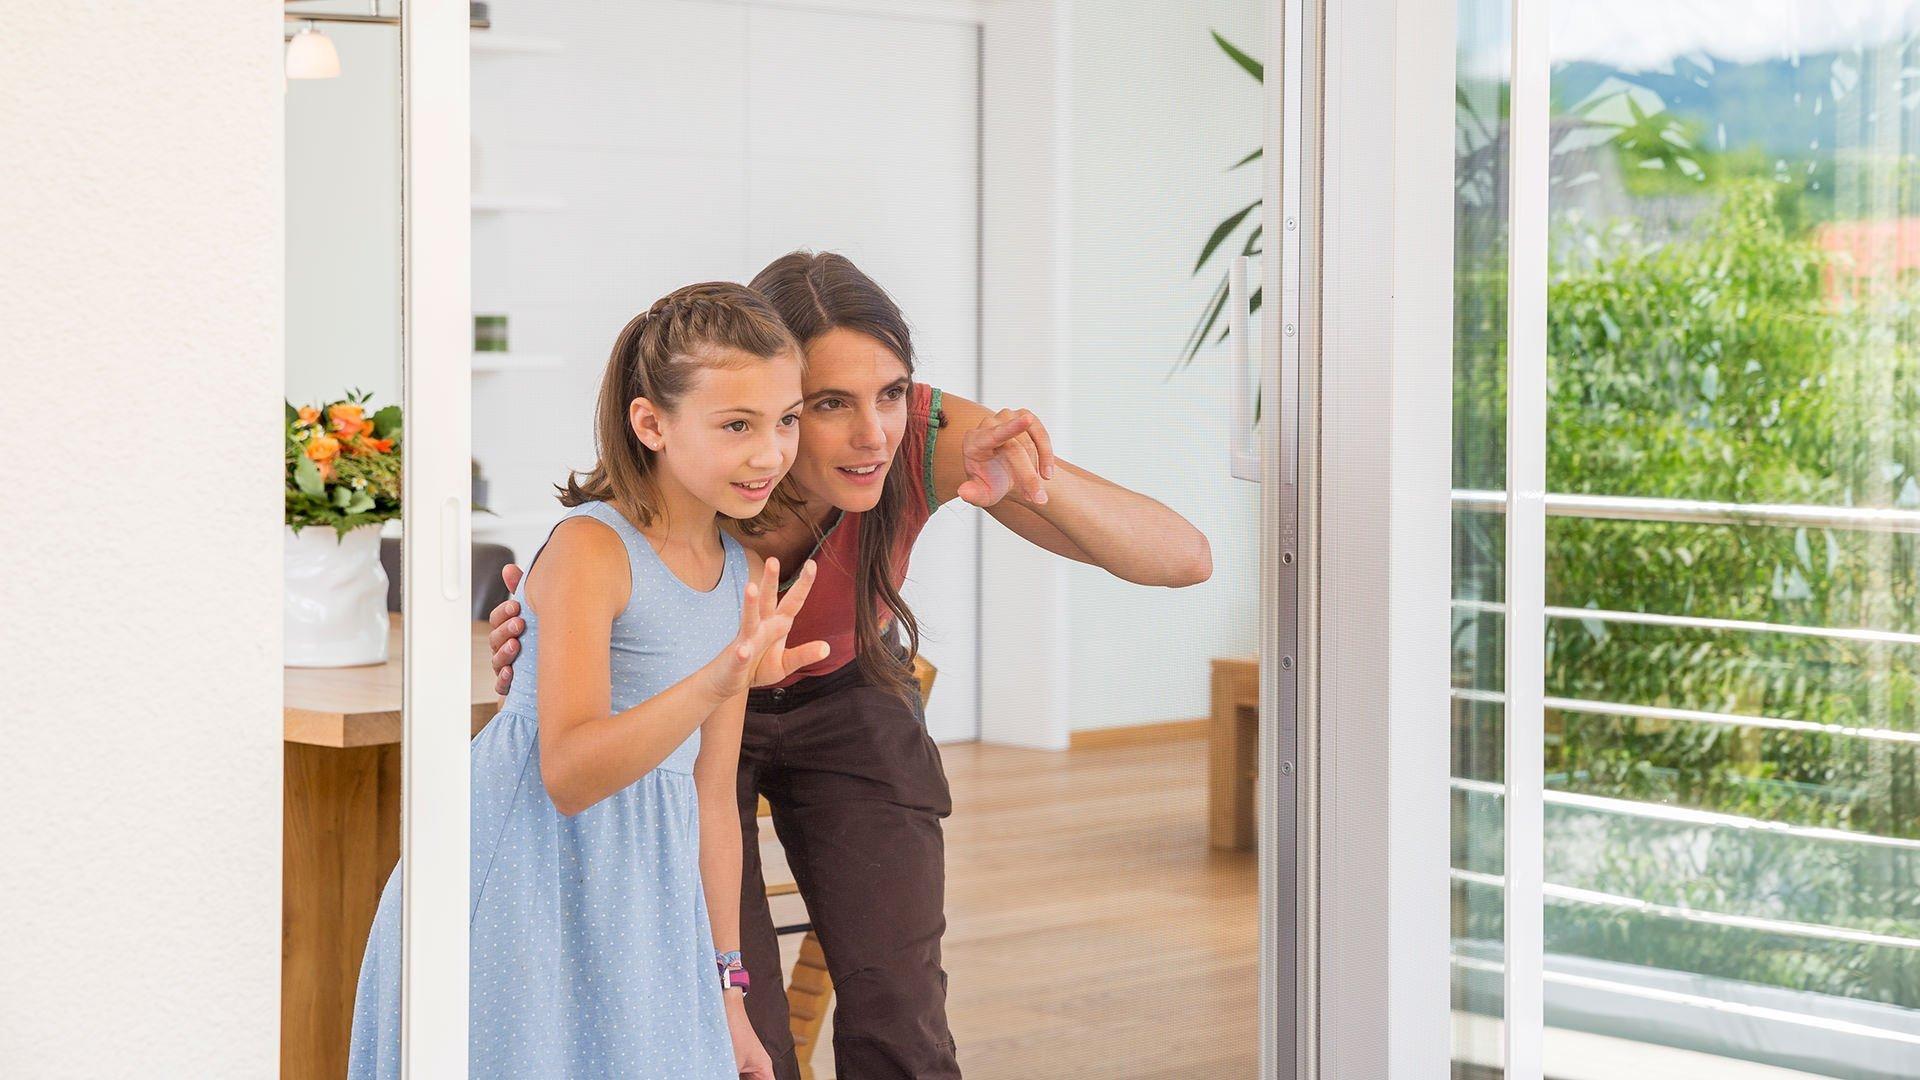 Mutter und Tochter betrachten eine Schiebeanlage mit Insektenschutz